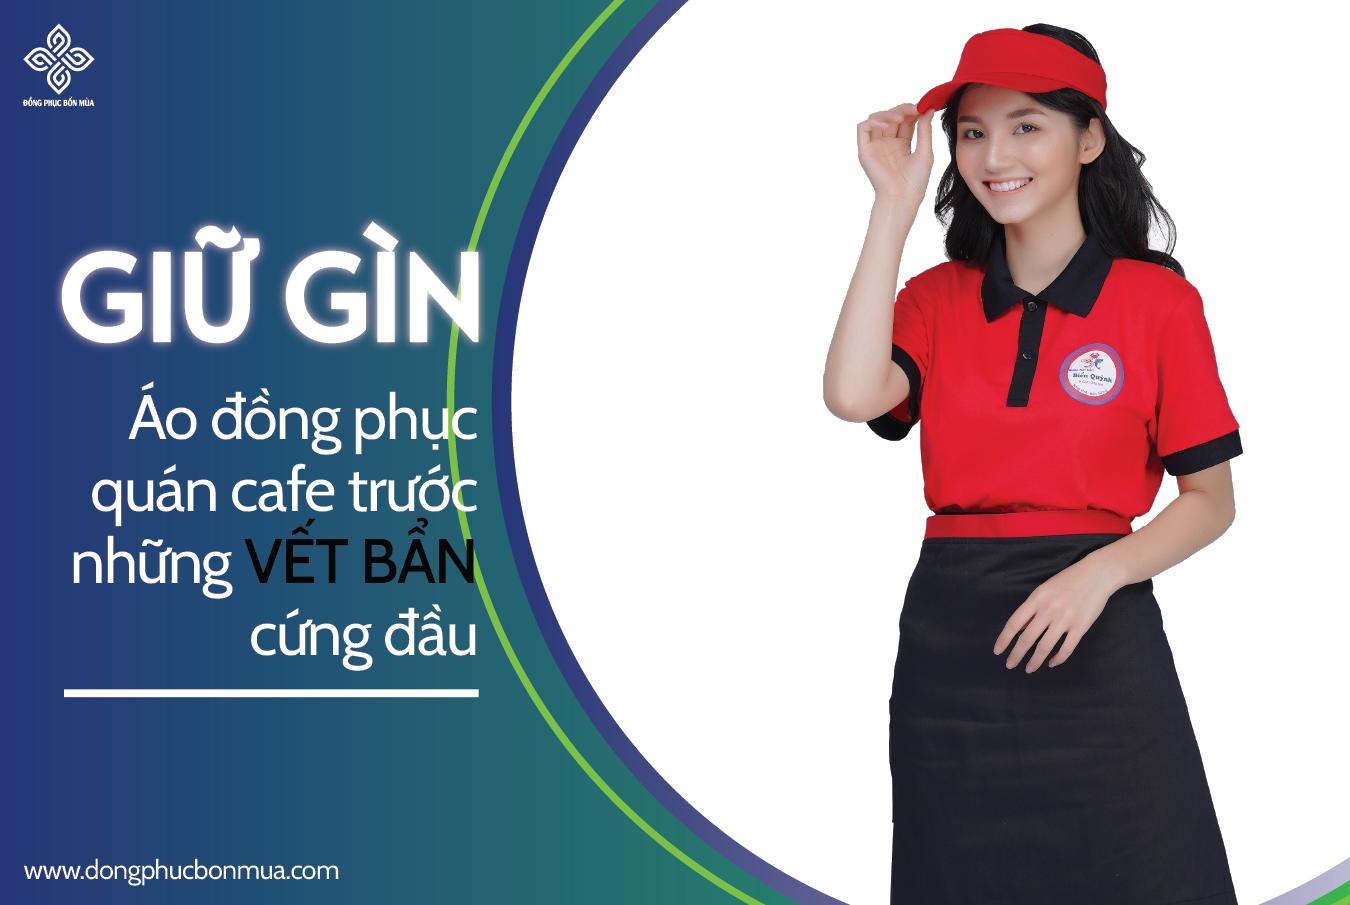 Giữ gìn bảo quản áo đồng phục quán cafe sau thời gian dài sử dụng